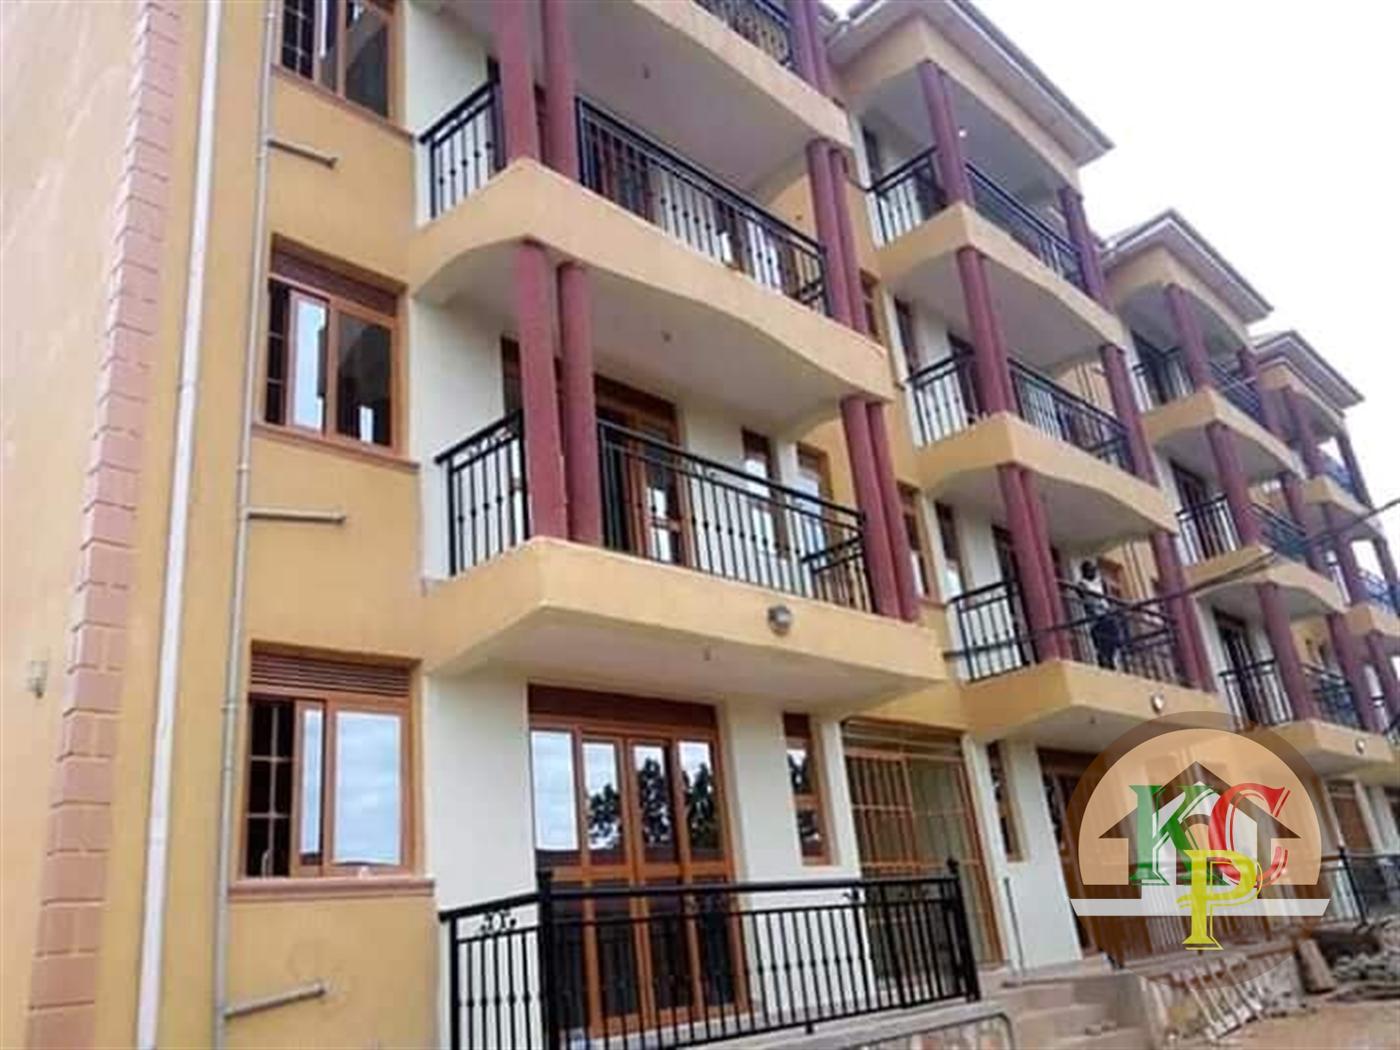 Apartment for rent in Kireka Kampala